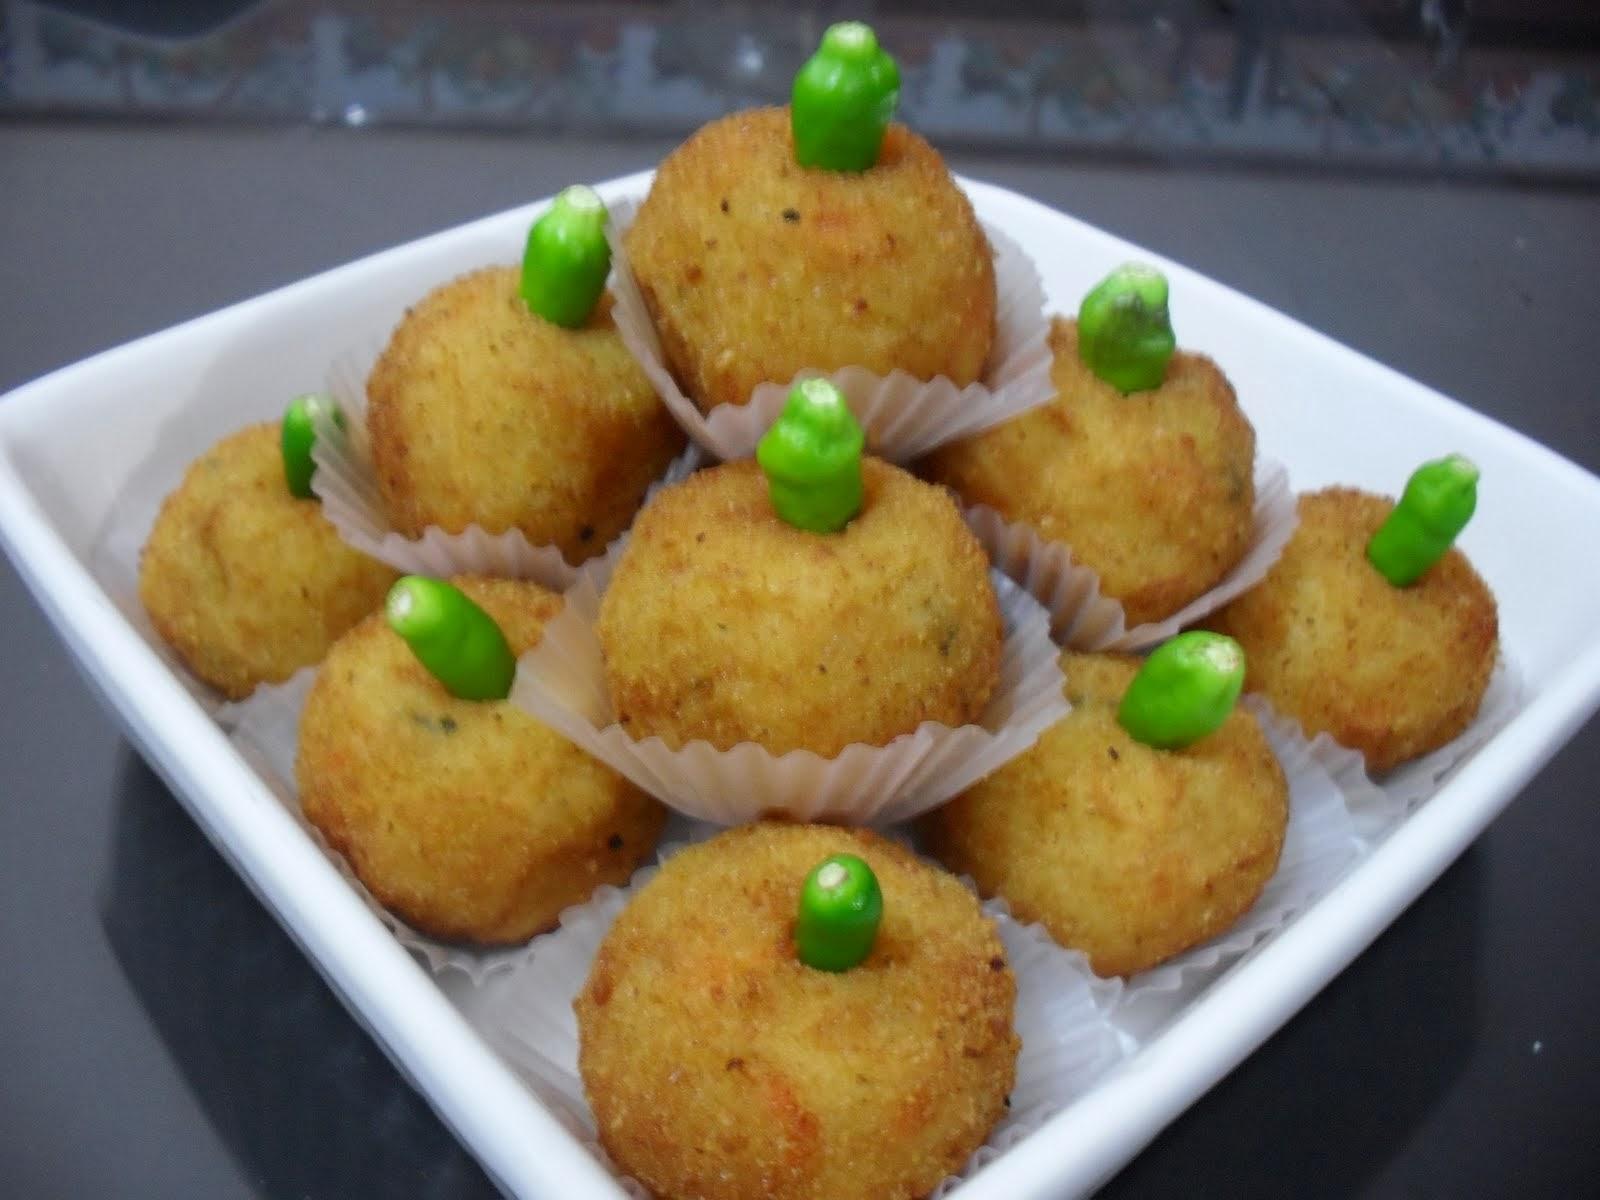 Resep Kroket Kentang 2019 Resep Masakan Kue Minuman Terbaru